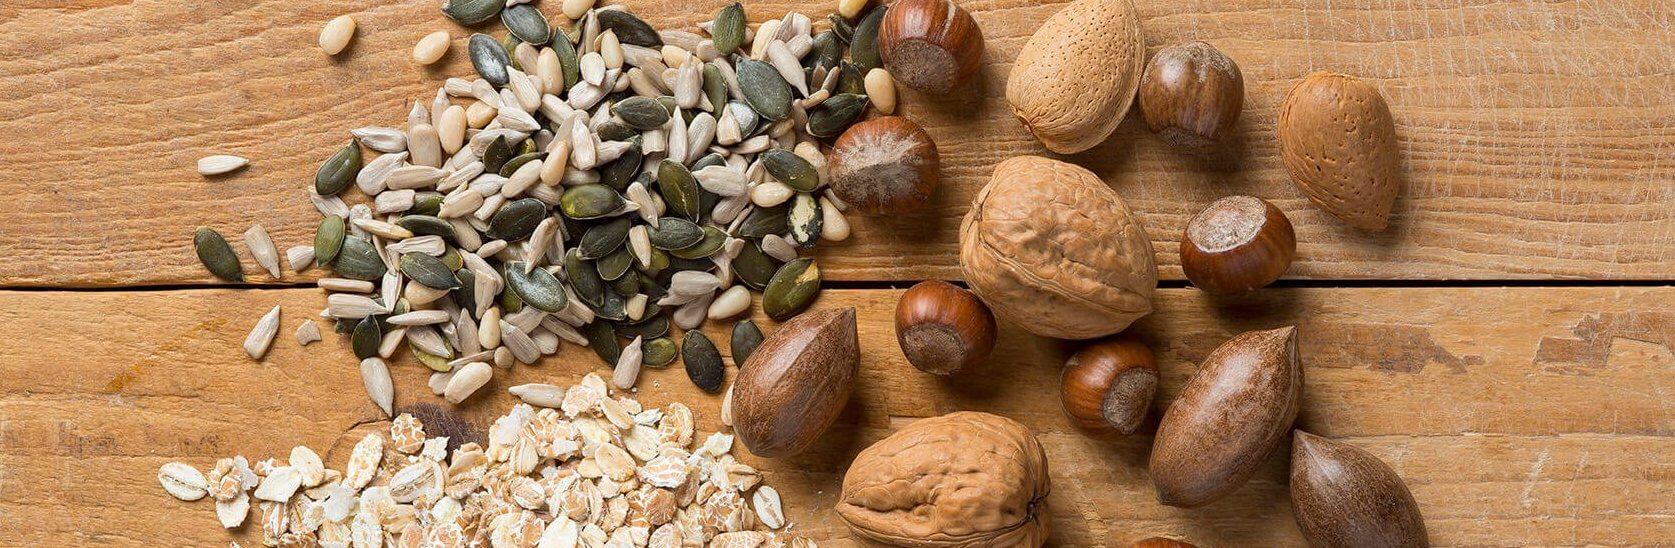 Verschillende noten en zaden